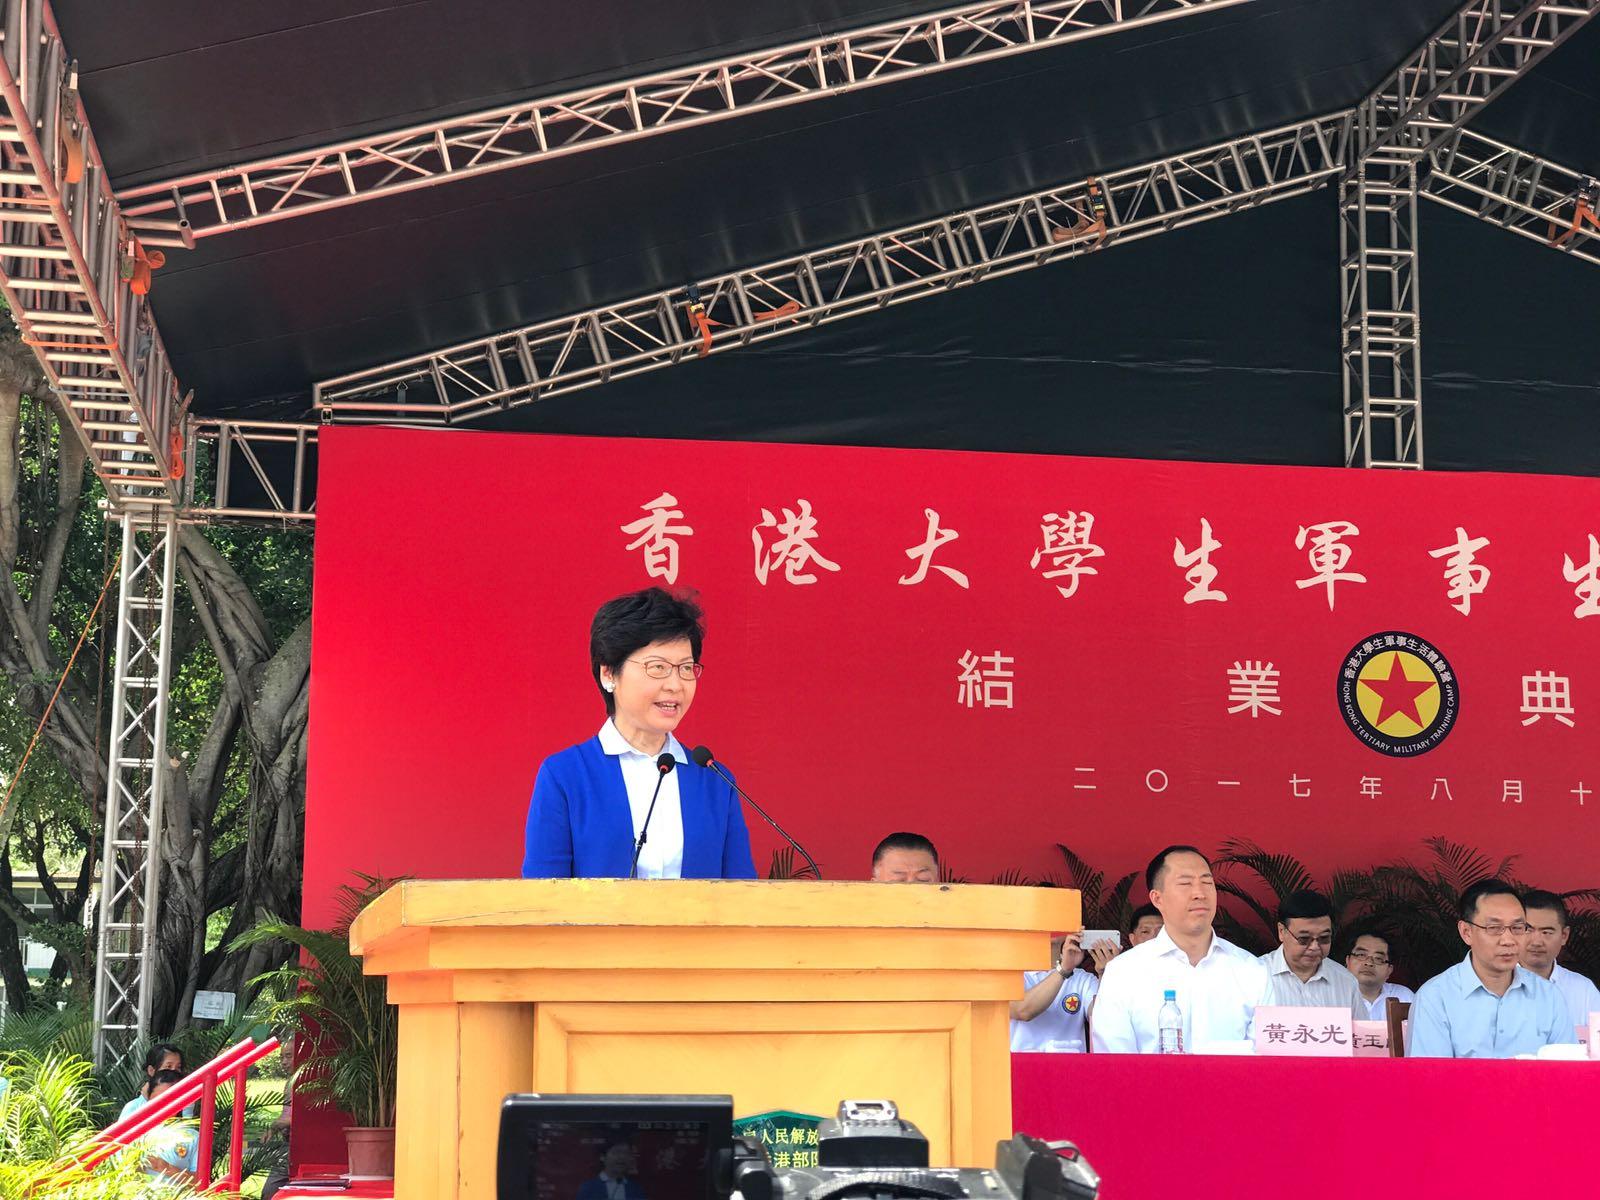 林鄭月娥在結業禮致辭,鼓勵年輕人多關心社會,認識香港和國家。